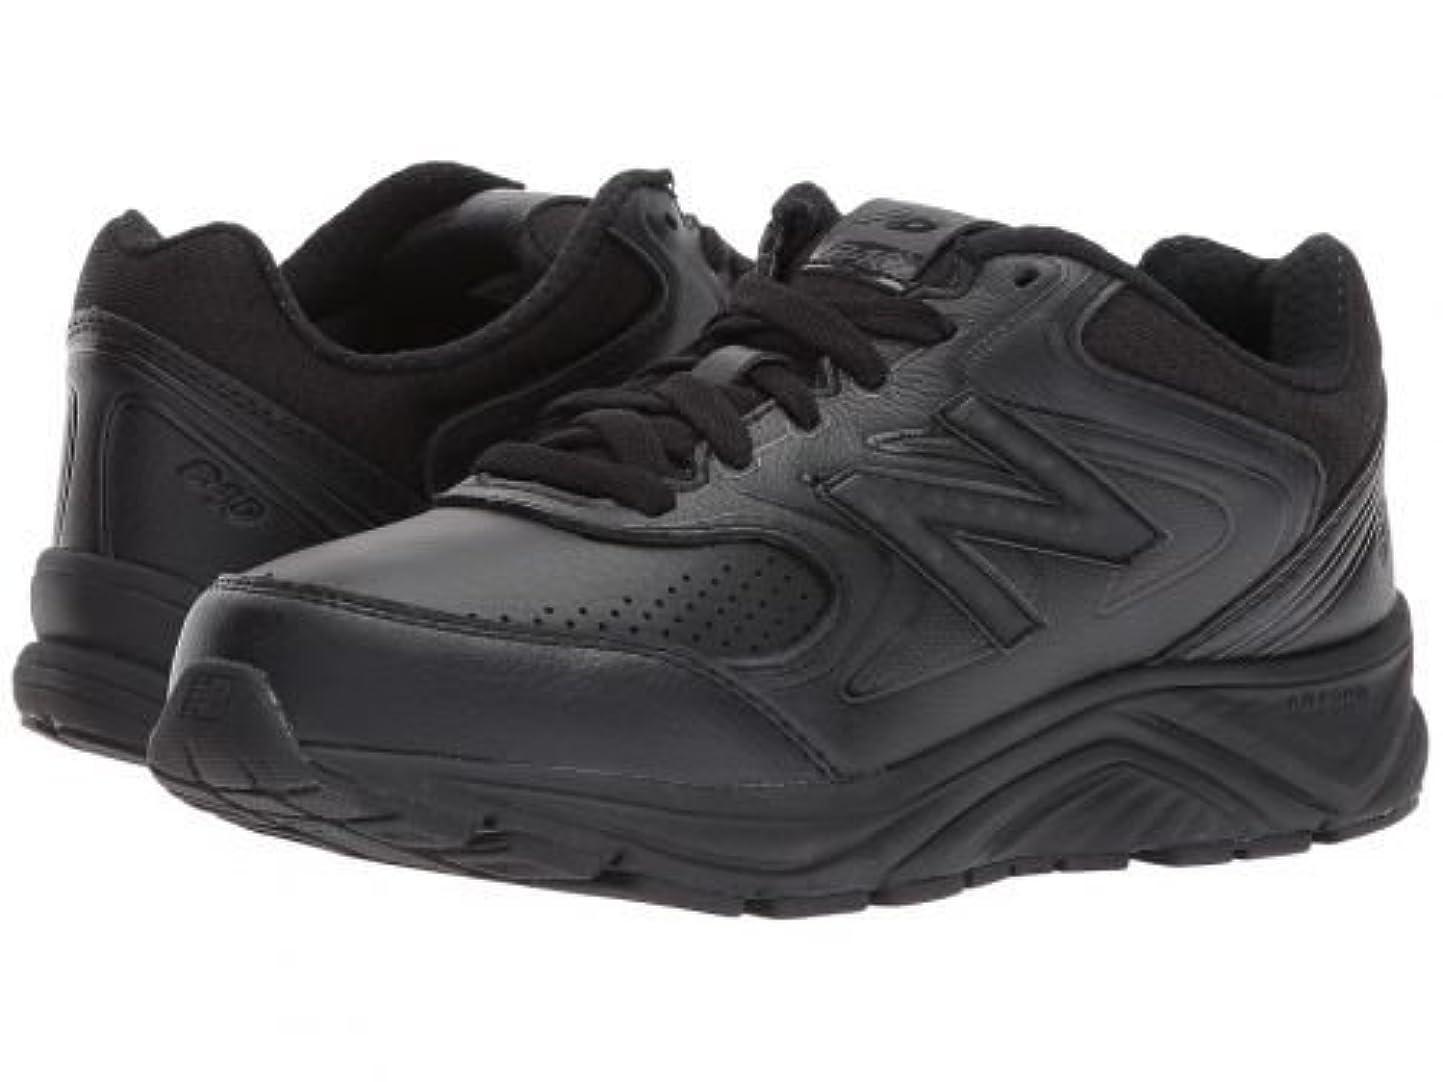 オアシス休み道路を作るプロセスNew Balance(ニューバランス) レディース 女性用 シューズ 靴 スニーカー 運動靴 WW840v2 - Black/Black 6 EE - Extra Wide [並行輸入品]